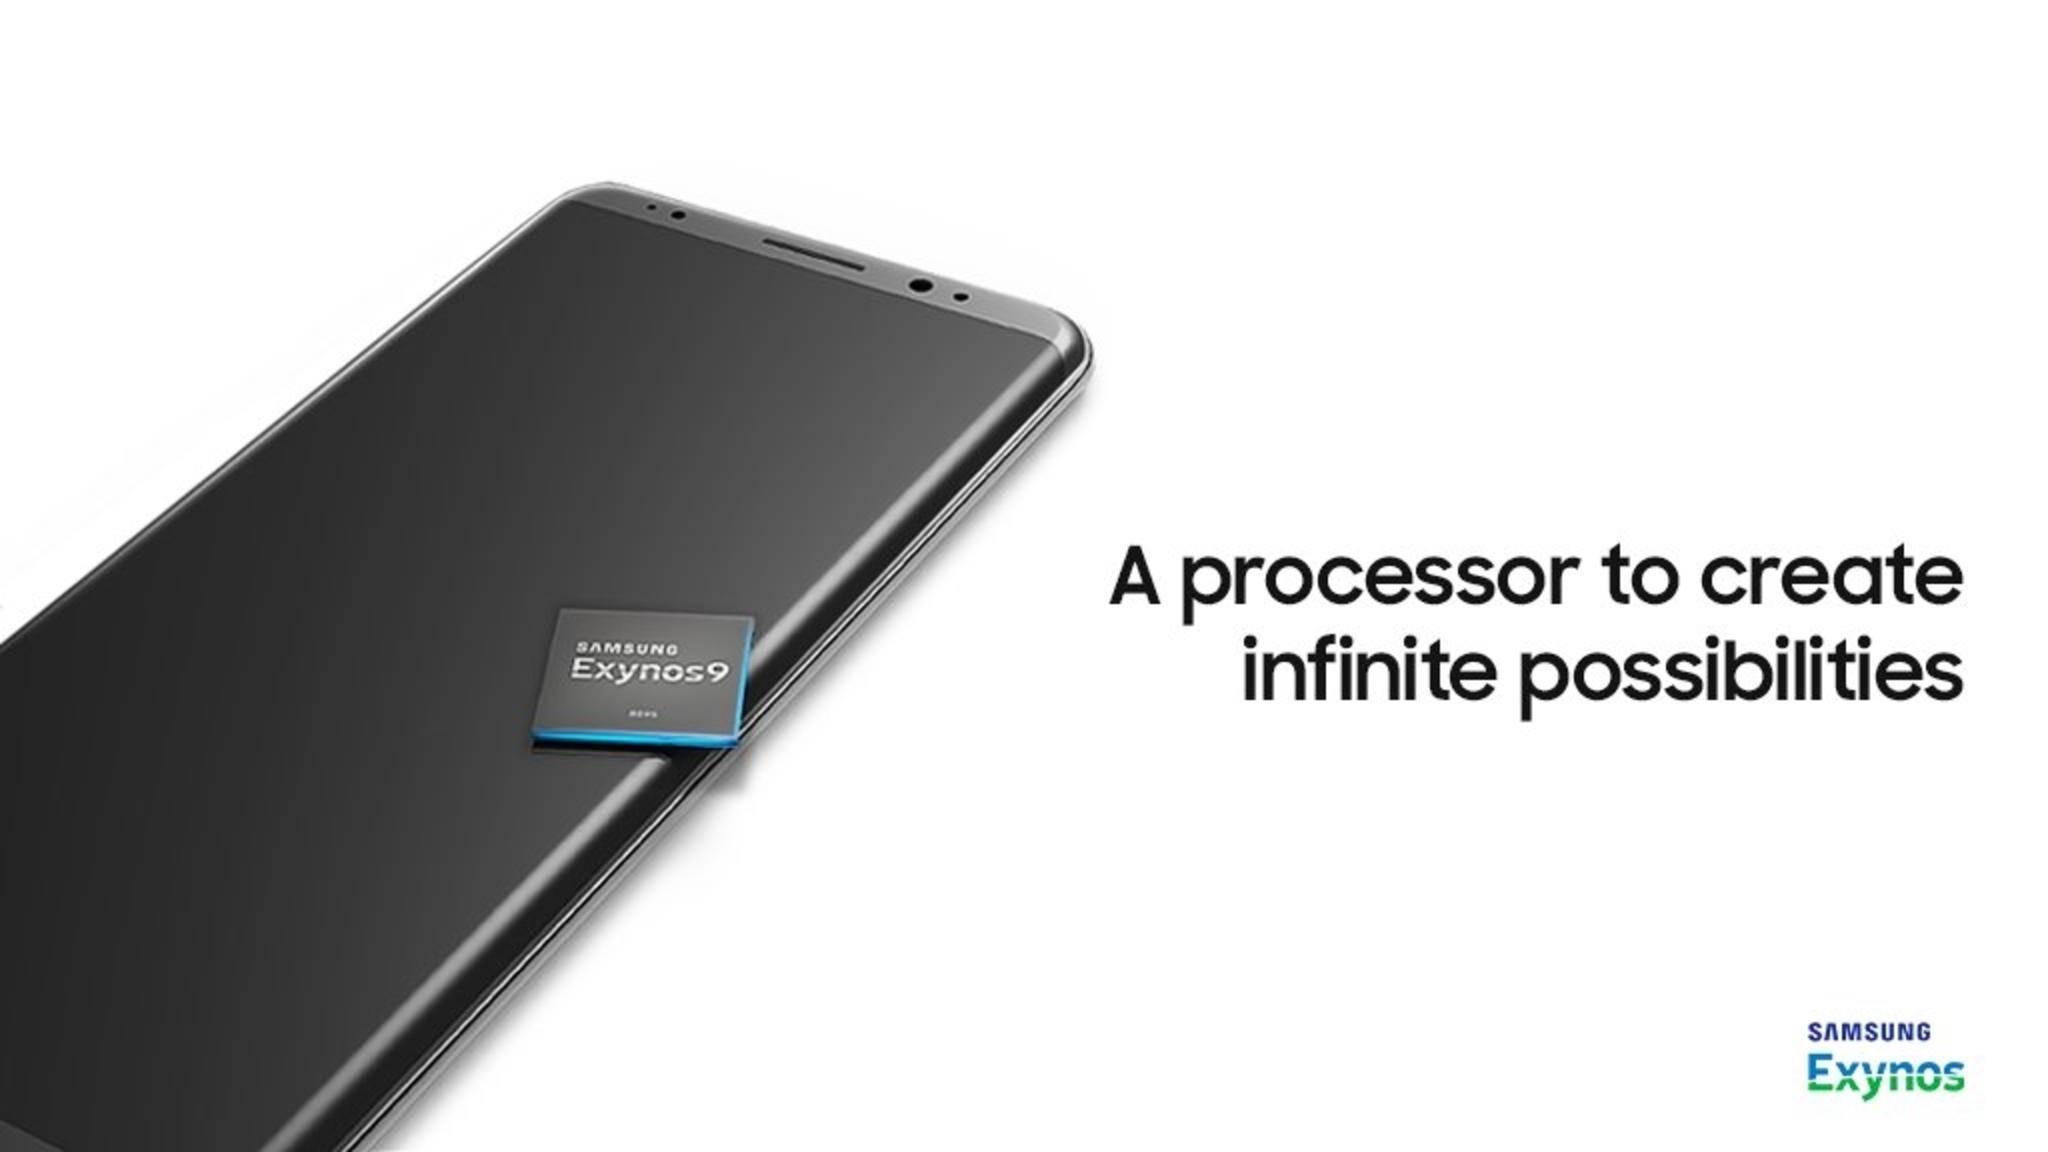 Das ist vielleicht das erste offizielle Bild vom Samsung Galaxy Note 8.